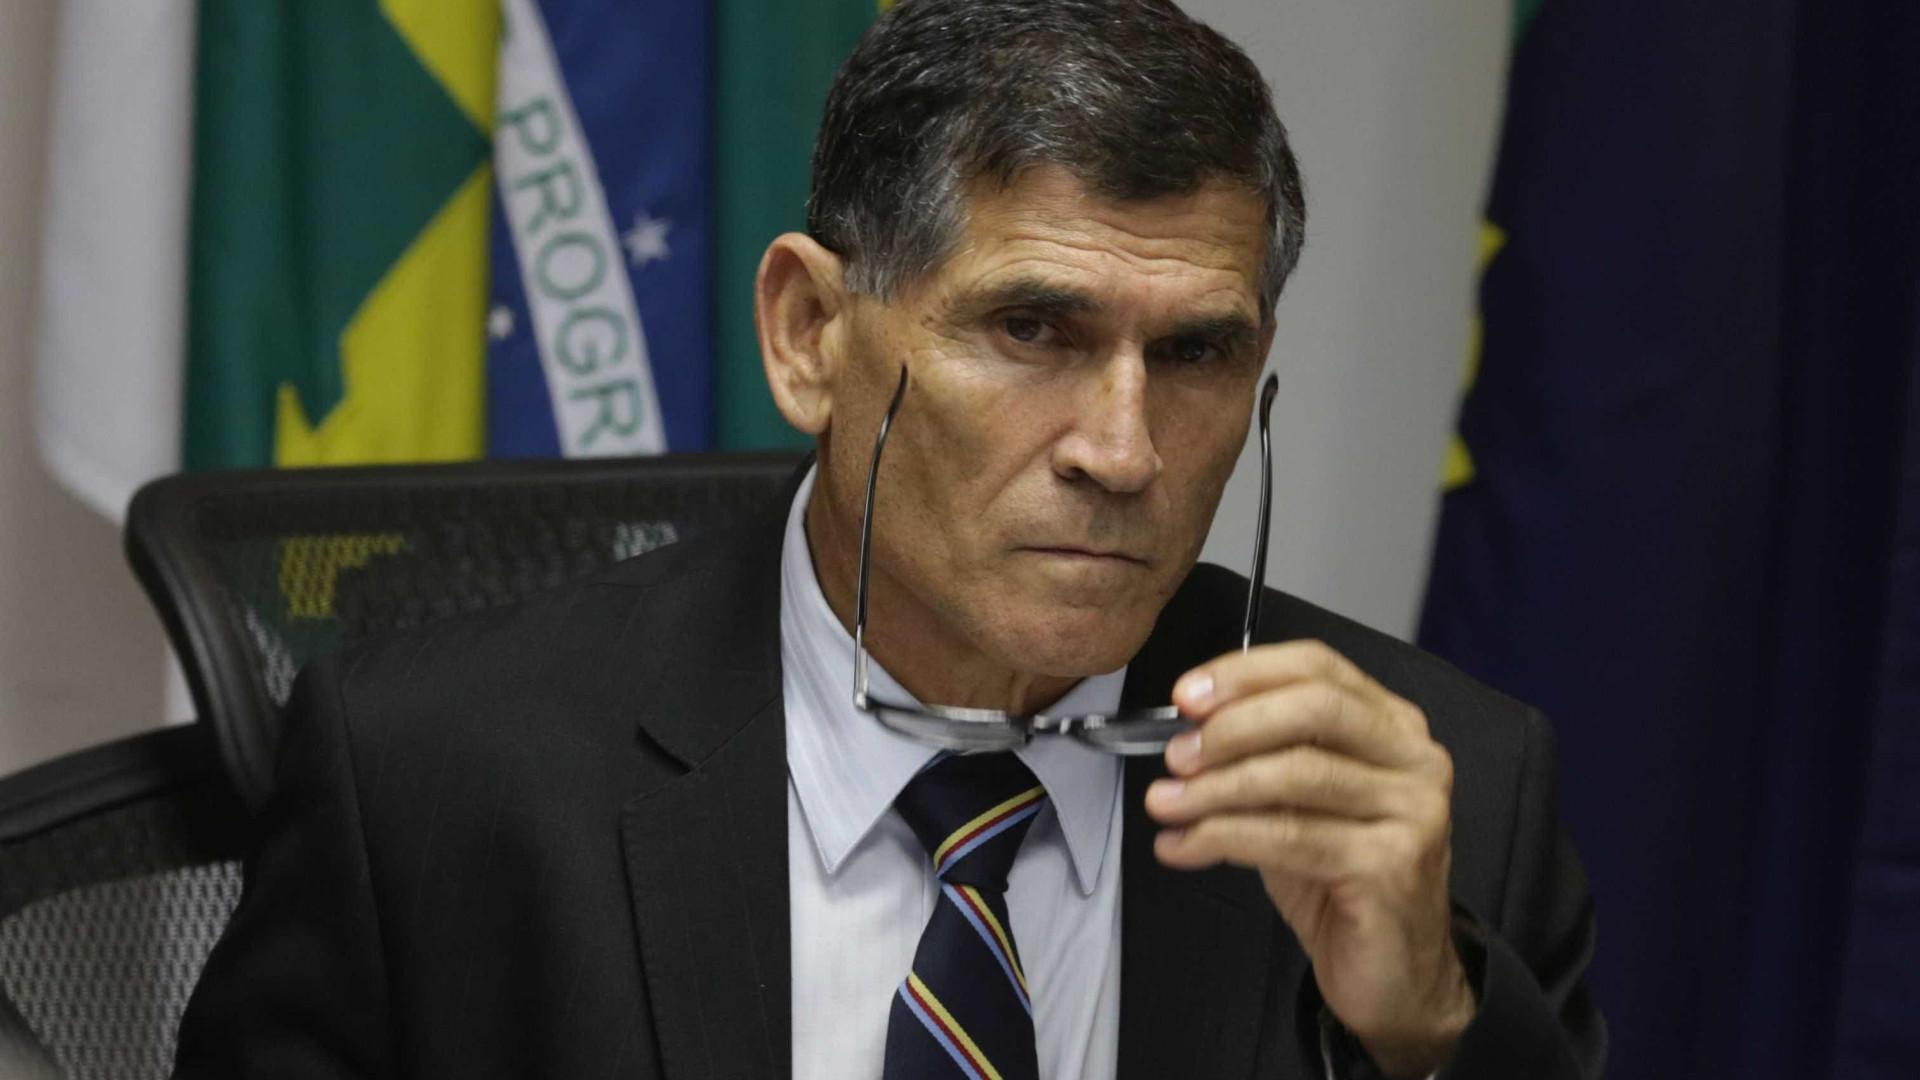 Contratos de comunicação serão revistos, diz chefe do governo